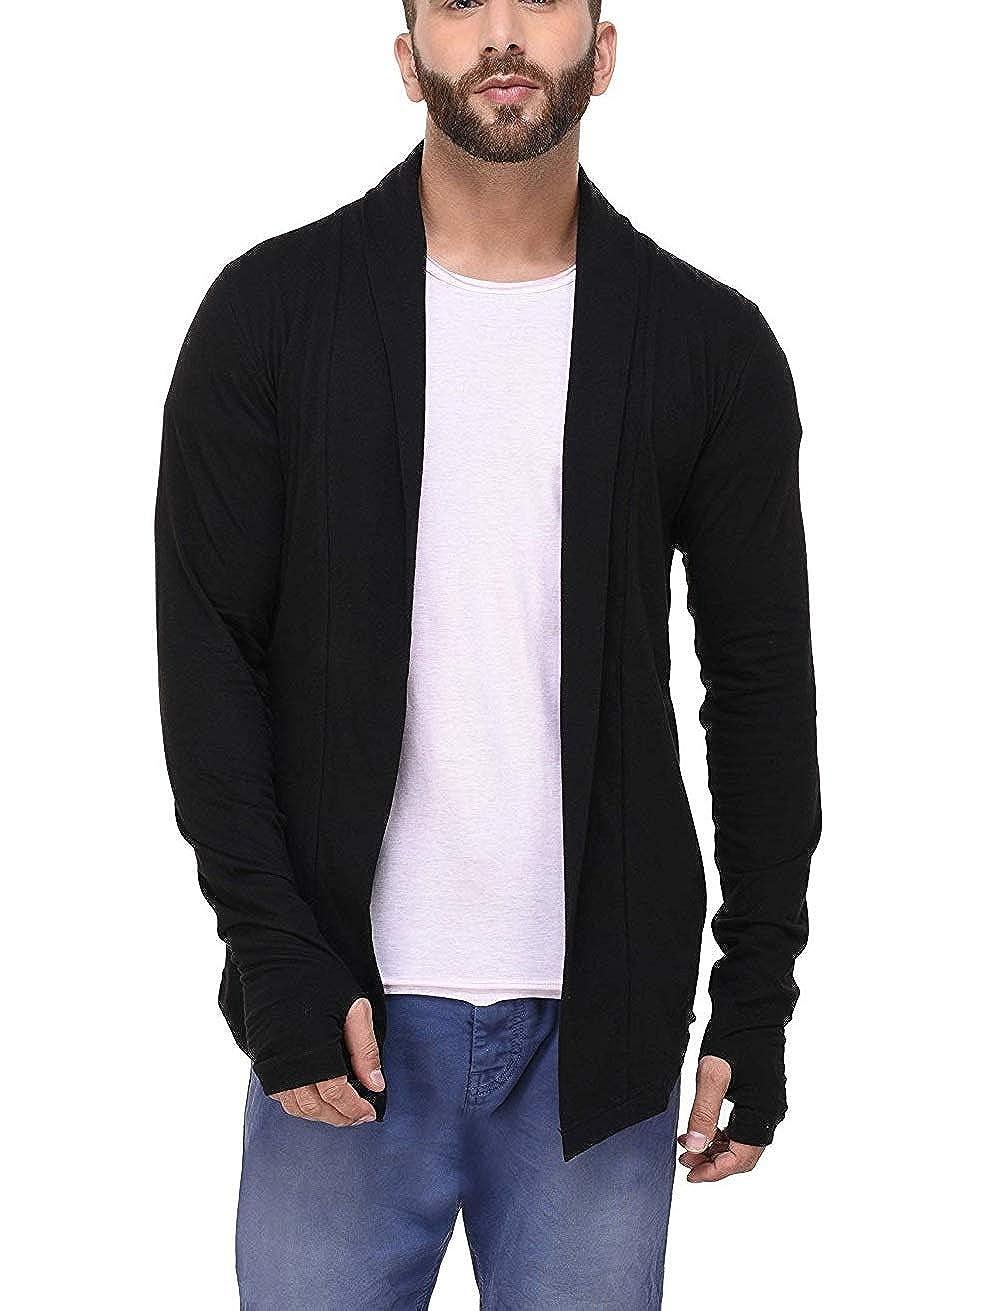 DENIMHOLIC Open Long Cardigan Full Sleeve Shrug for Men